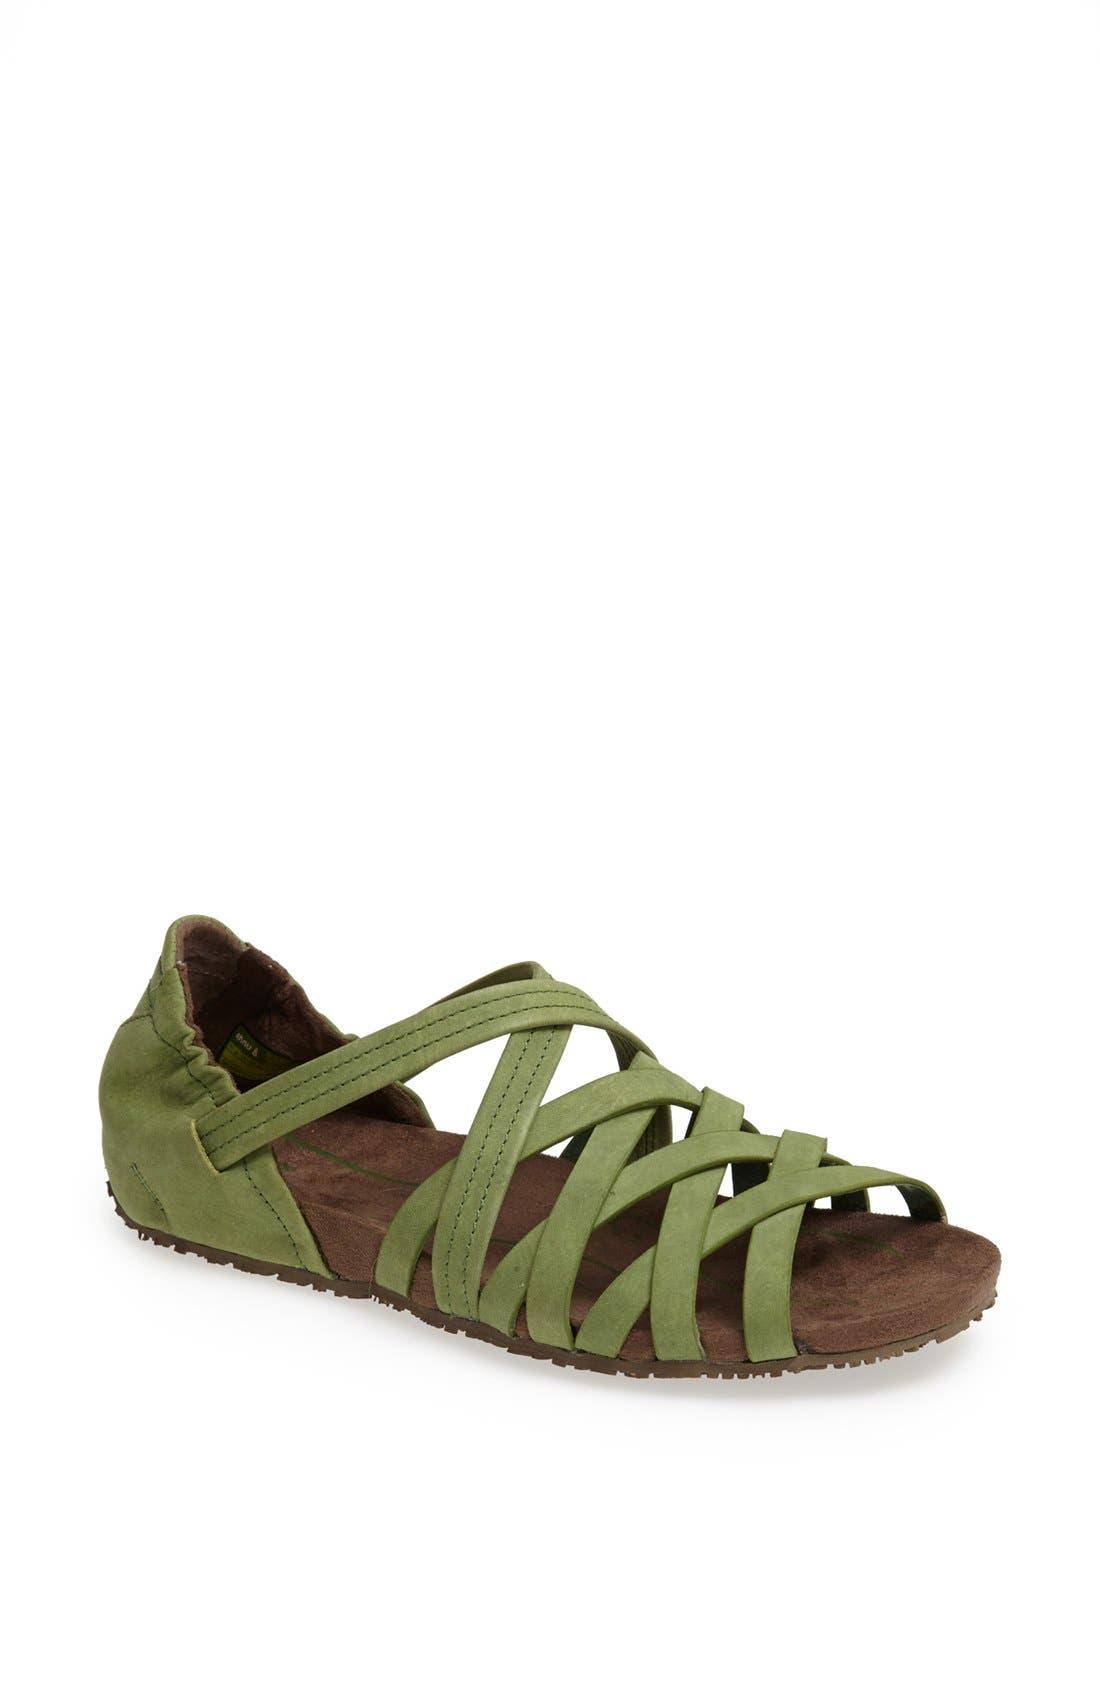 Main Image - Ahnu 'Maia' Sandal